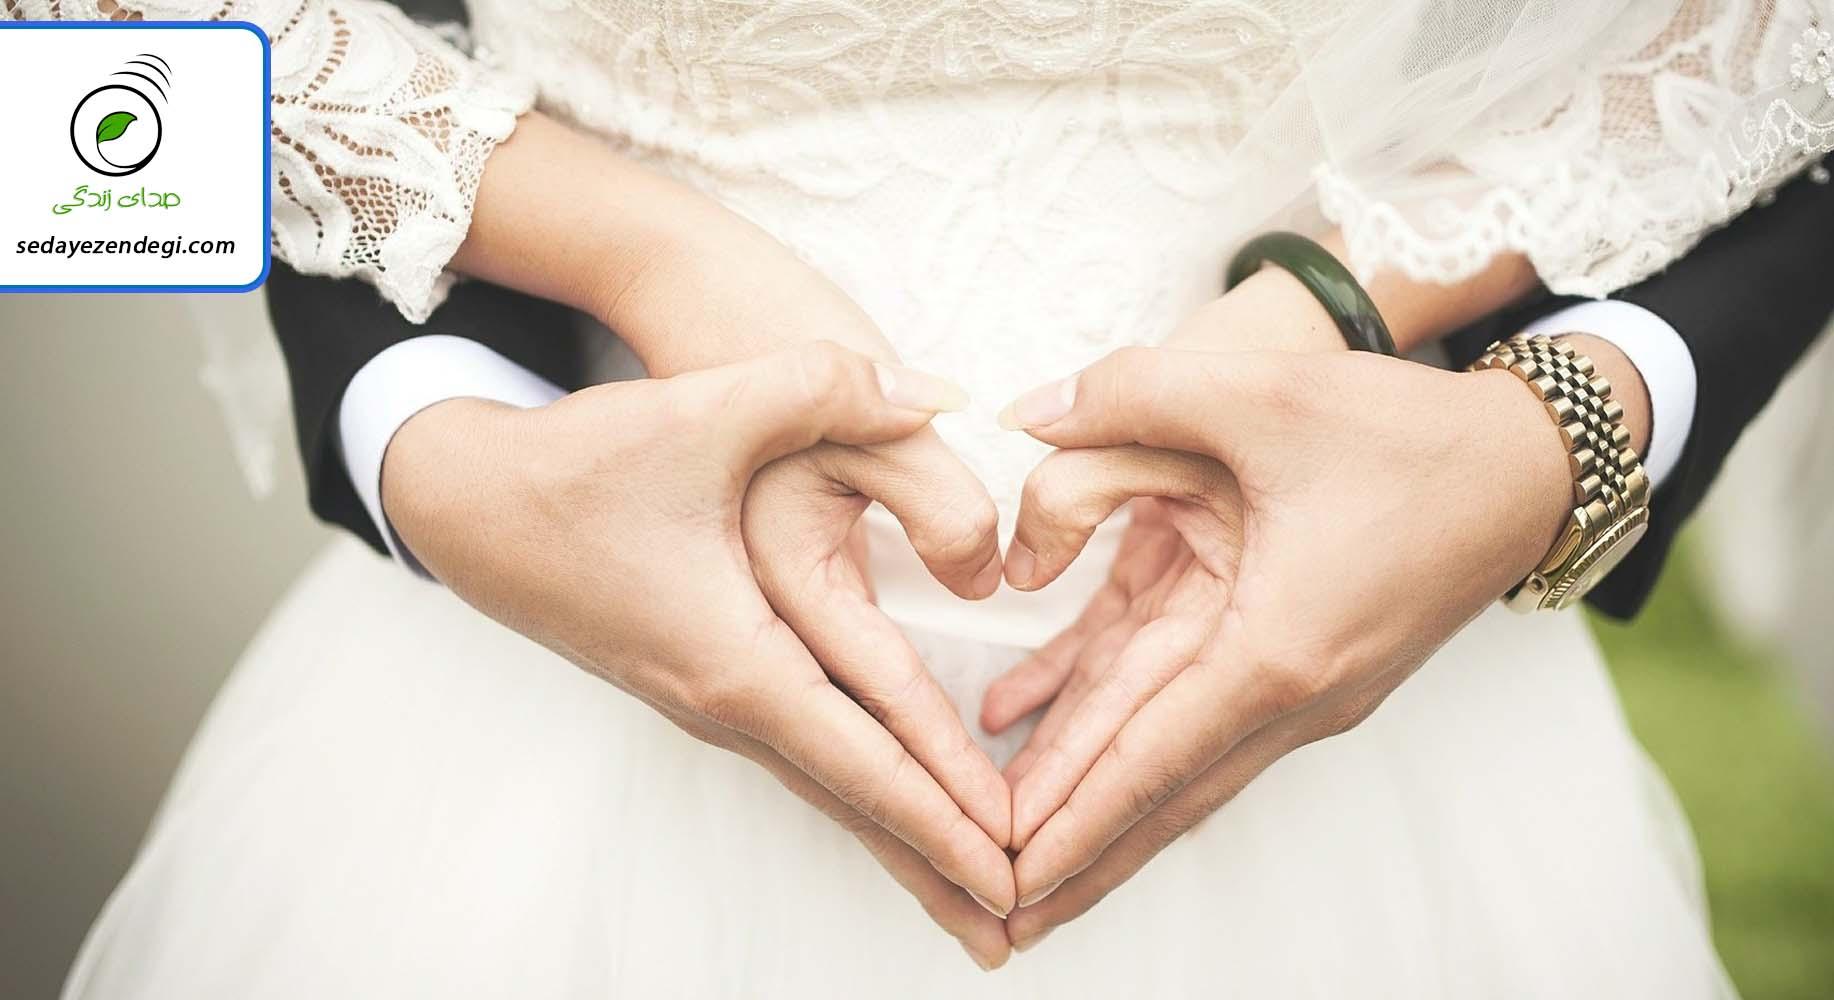 مشکلات دوران عقد را شکلات کنید